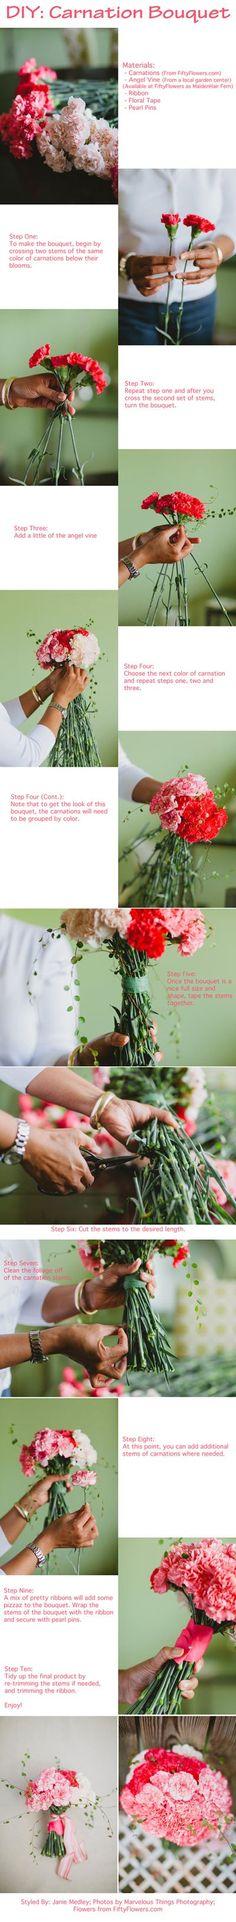 DIY Carnation Bouquet! #DIY #Wedding #Bouquet